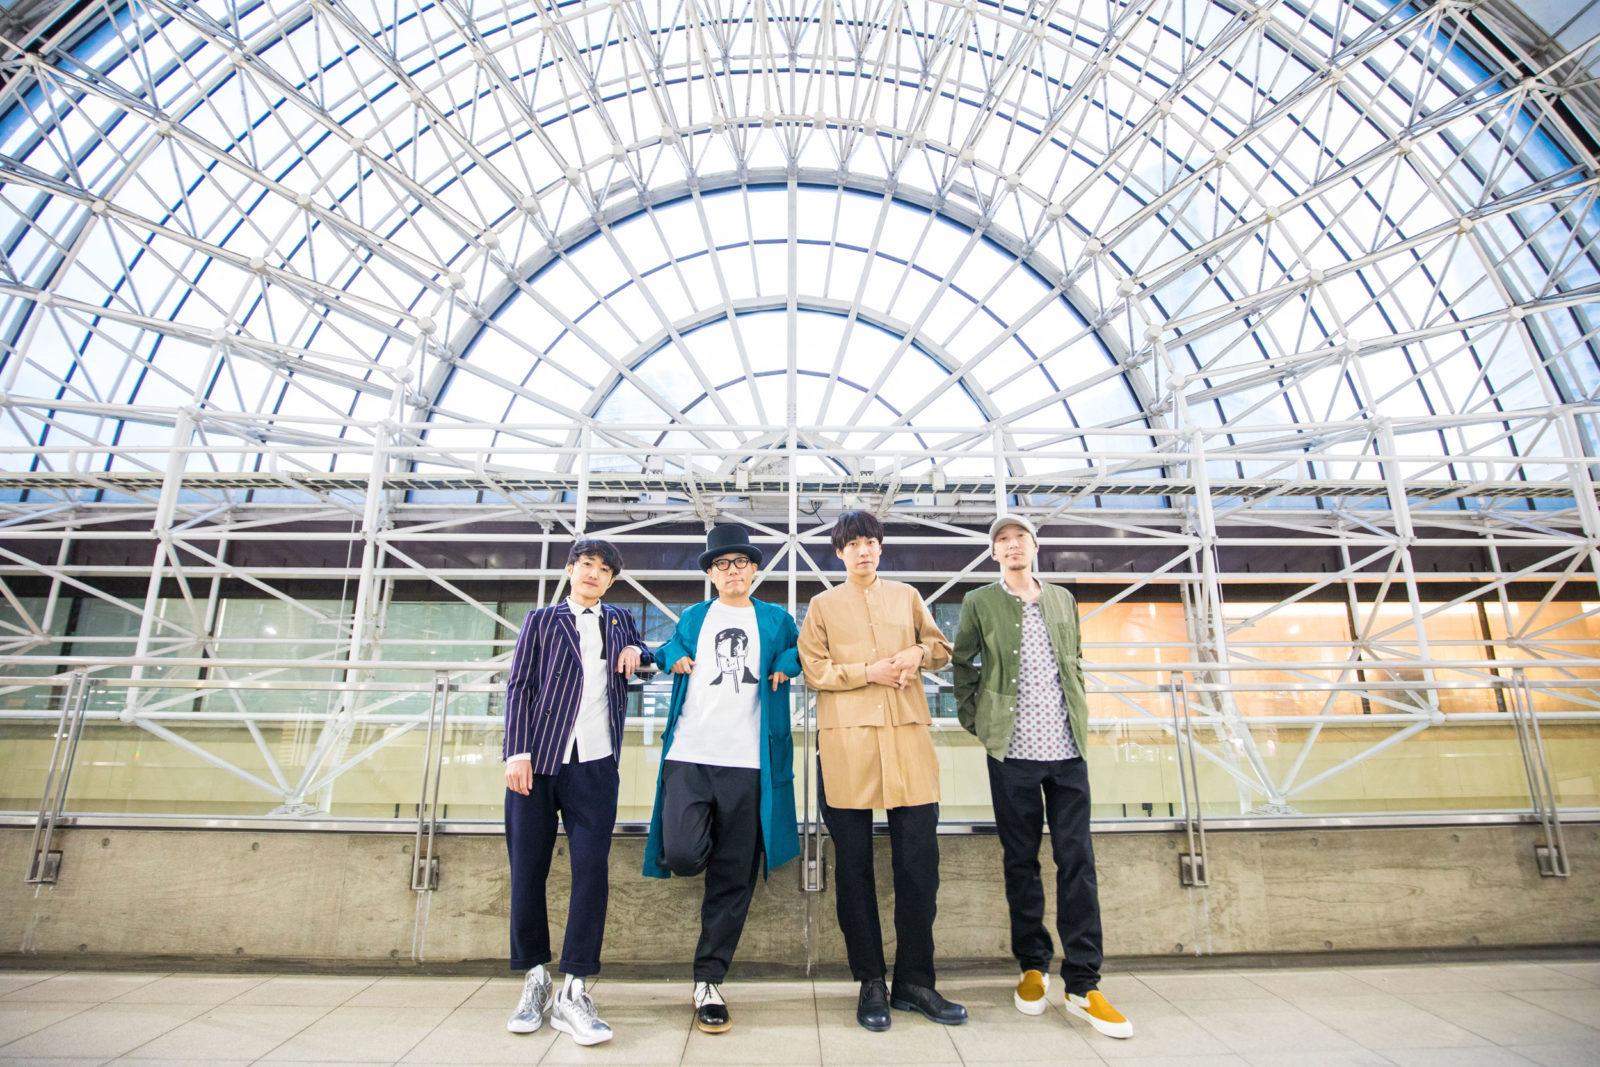 ハナレグミ+フジファブリックのスペシャルユニット「ハナレフジ」アーティスト写真解禁サムネイル画像